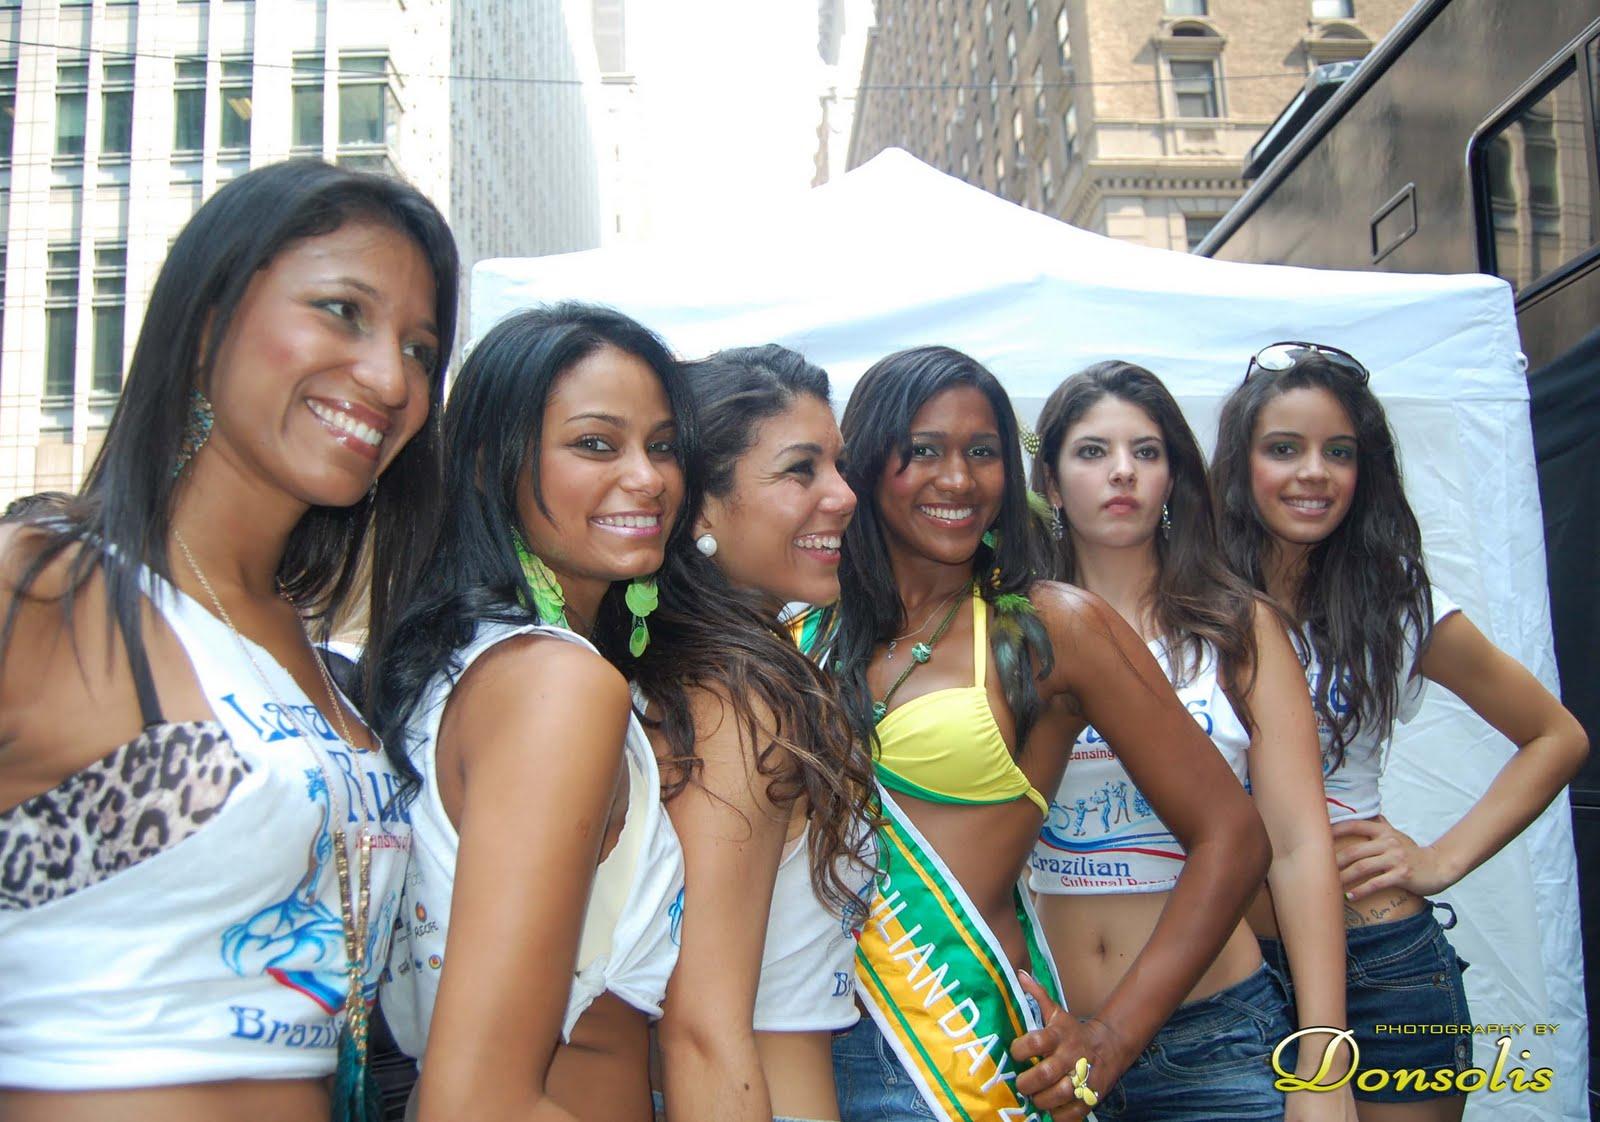 meet women in brazil